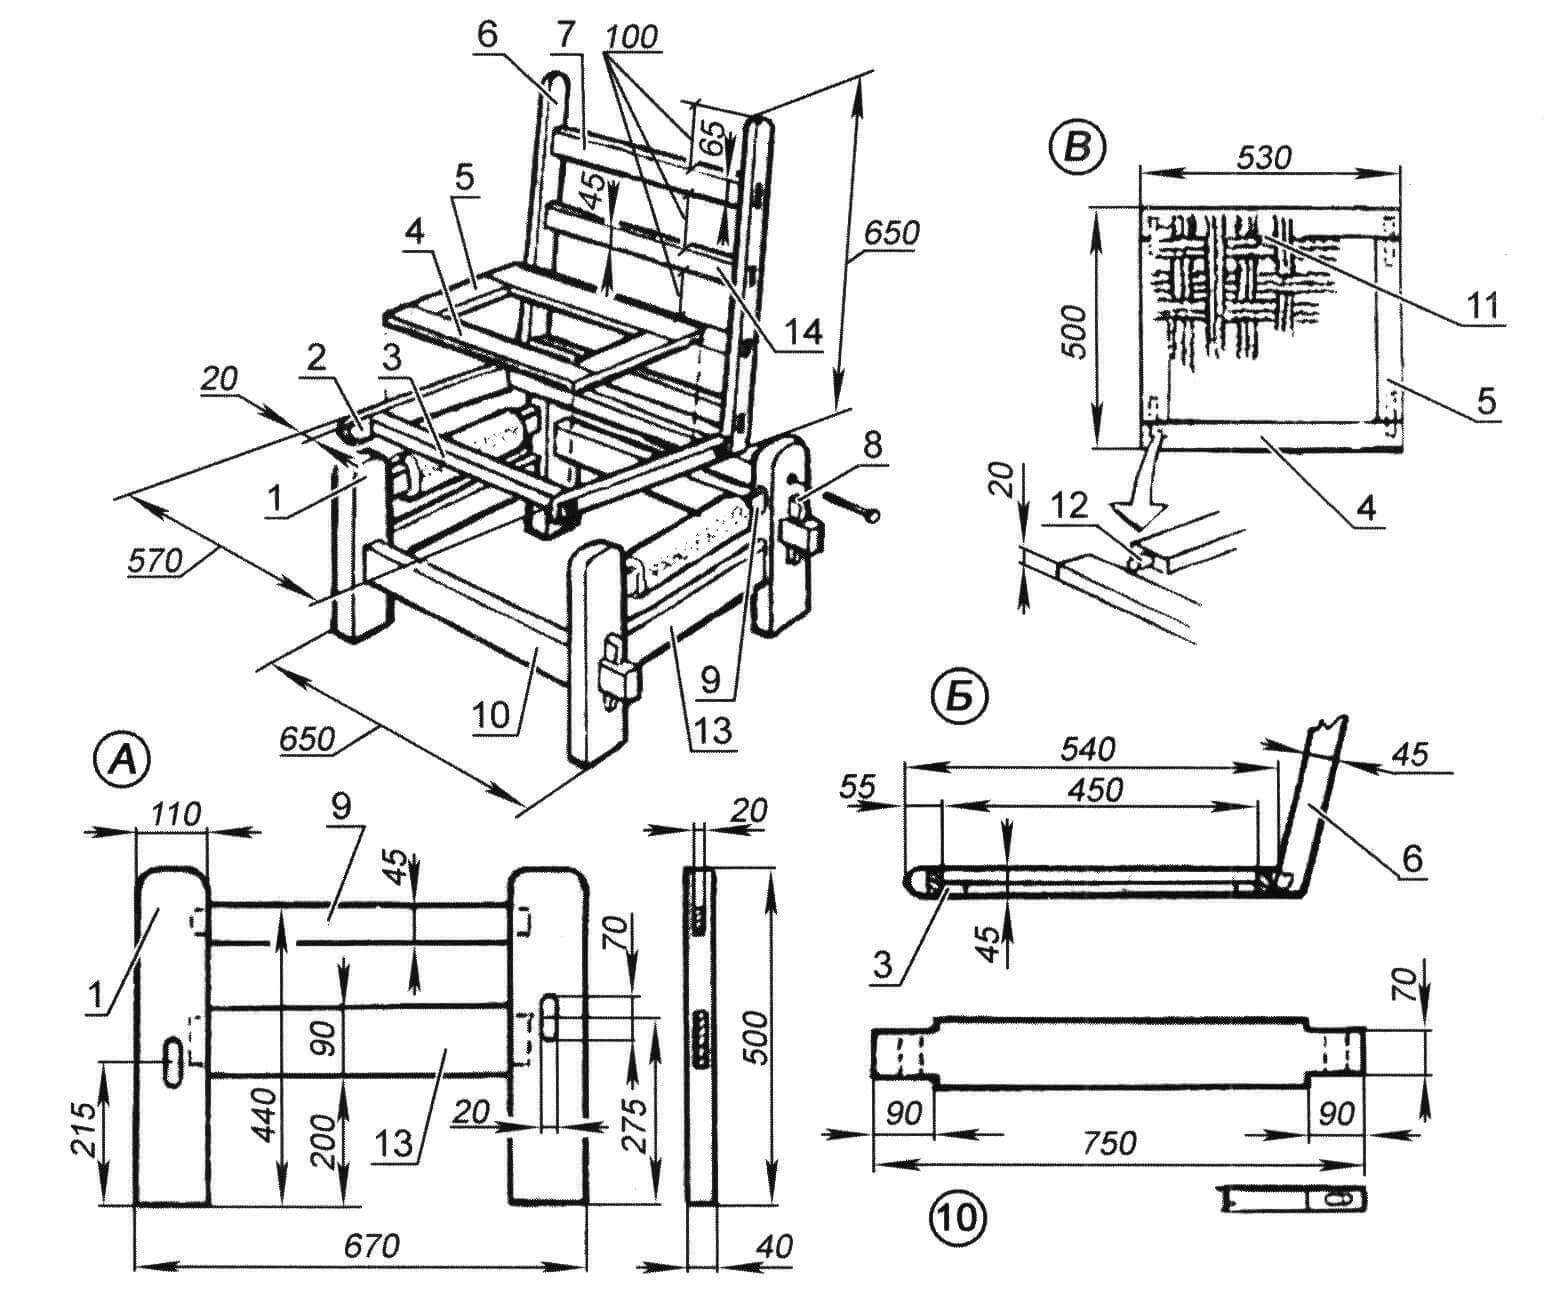 Самодельное кресло: 1- ножка (доска 500х 110x40 мм, 4 шт.); 2 - продольный элемент каркаса сиденья (рейка 560x45x20 мм, 2 шт.); 3 - поперечный элемент каркаса сиденья (рейка 570x45x20 мм, 2 шт.); 4 - поперечный элемент основания (530x45x20 мм, 2 шт.); 5 - продольный элемент основания сиденья (рейка 410x45x20 мм, 2 шт.); 6 - элемент каркаса спинки (рейка 650x45x20 мм, 2 шт.); 7 - поперечина спинки (рейка 570x65x20 мм); 8 - клин (брус 100x40x20 мм, 4 шт.); 9 - подлокотник (рейка 500x45x20 мм, 2 шт.); 10 - поперечная стяжка (доска 750x90x20 мм, 2 шт); 11 - ремни сиденья (капроновая лента шириной 30-40 мм); 12 - нагель (08 мм, 4 шт.); 13 - продольная стяжка (доска 500x90x20 мм, 2 шт.); 14 - поперечина спинки (рейка 570x45x20 мм, 3 шт.); А - сборка боковины; Б - сборка каркаса сиденья; В - сборка основания сиденья